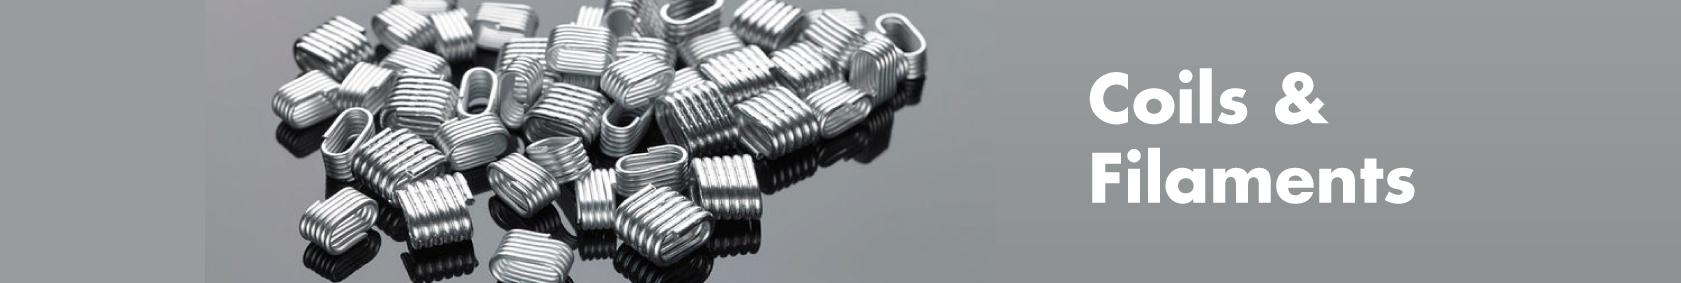 Coils & Filaments